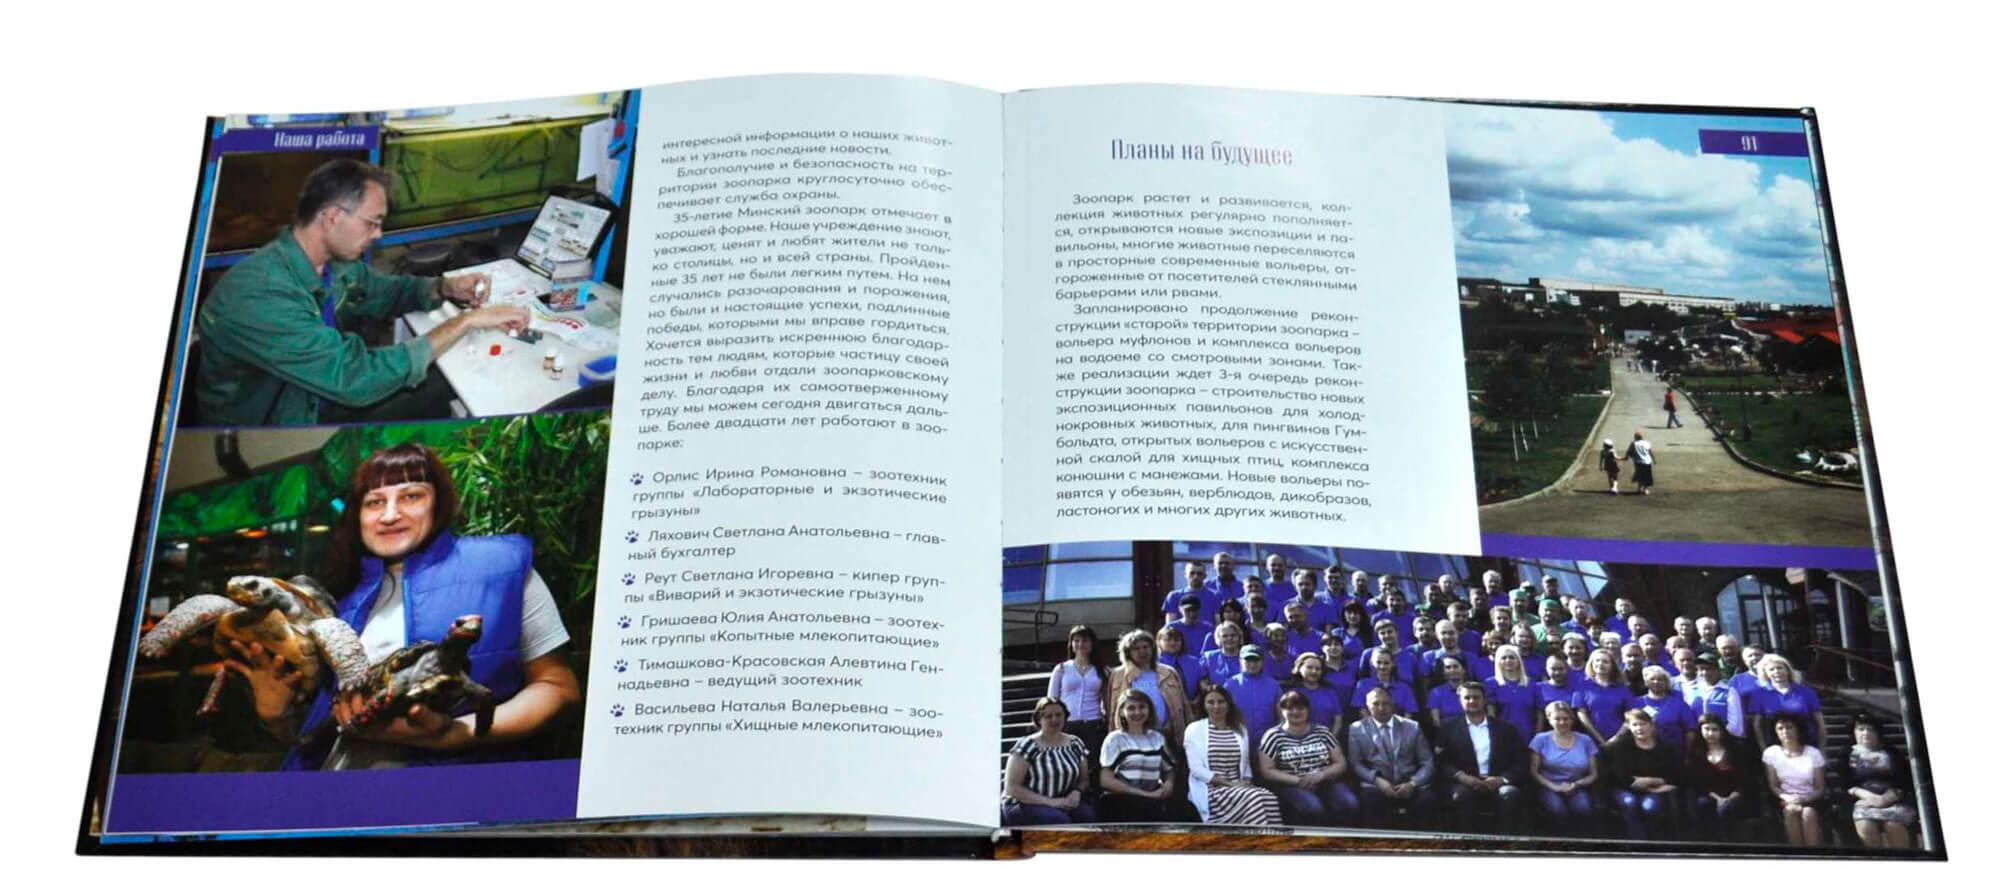 """Книга """"Минский зоопарк"""" от издательства Сегмент из Минска фото4"""